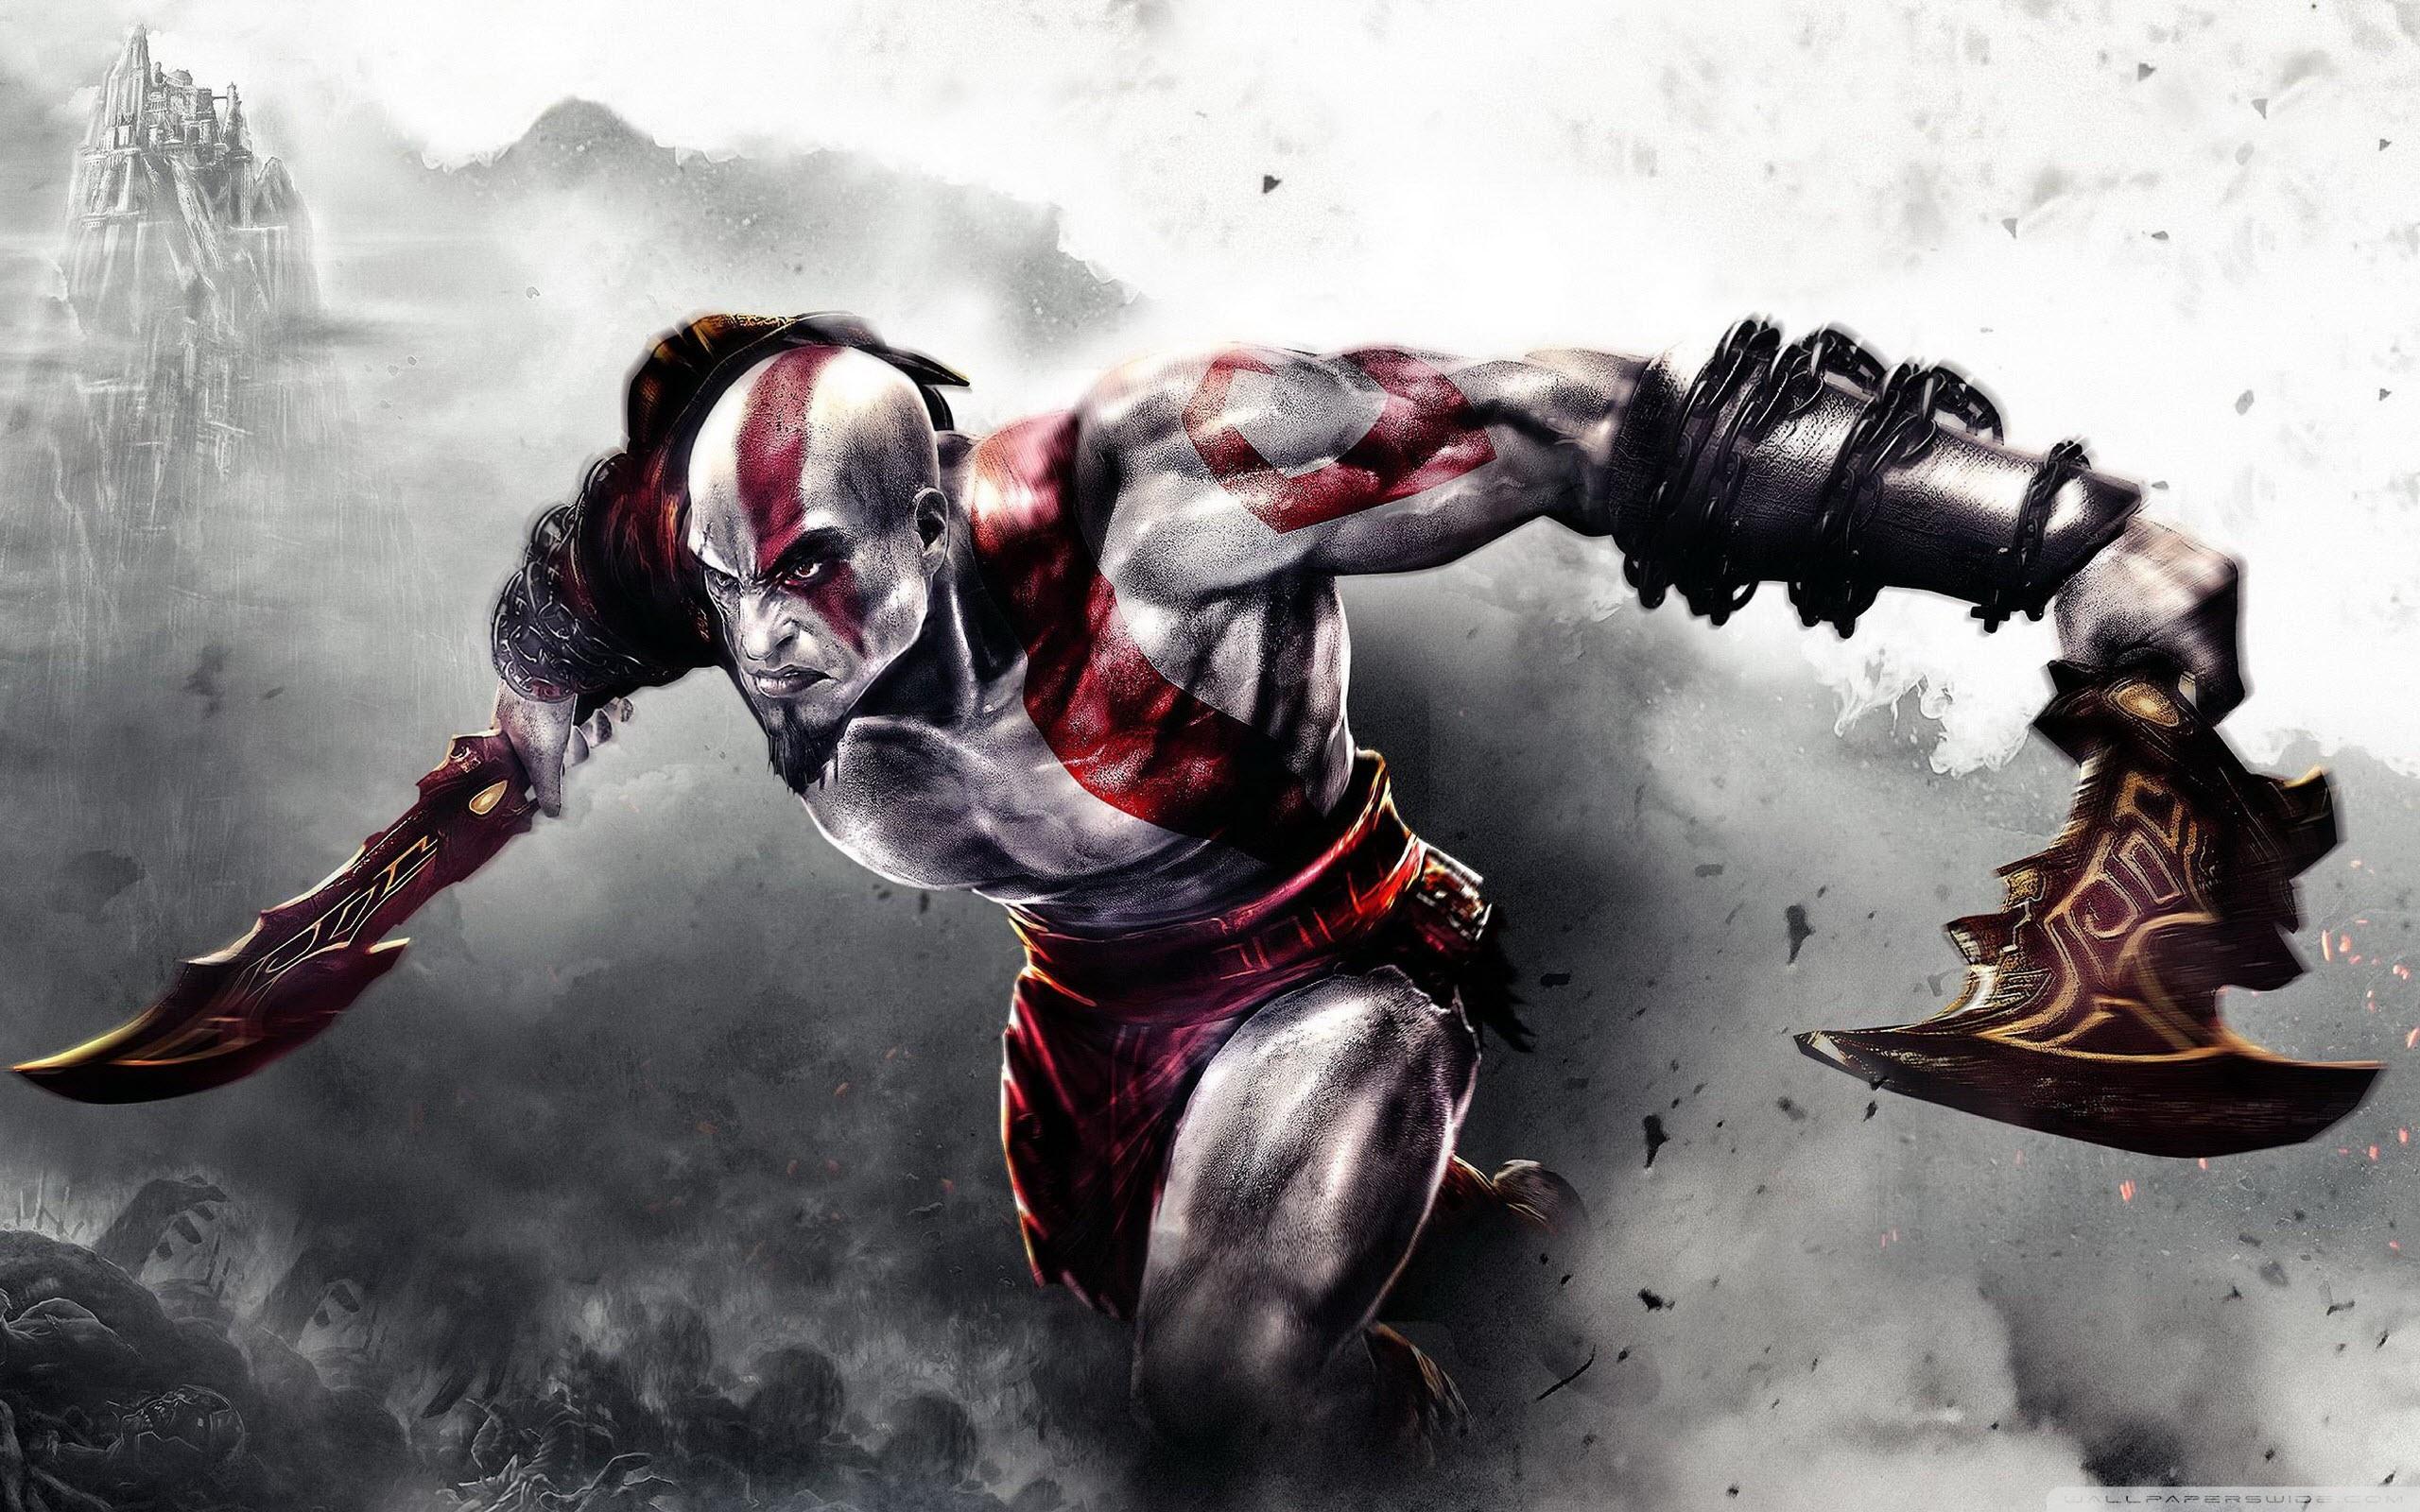 God of War 3 HD Wide Wallpaper for Widescreen